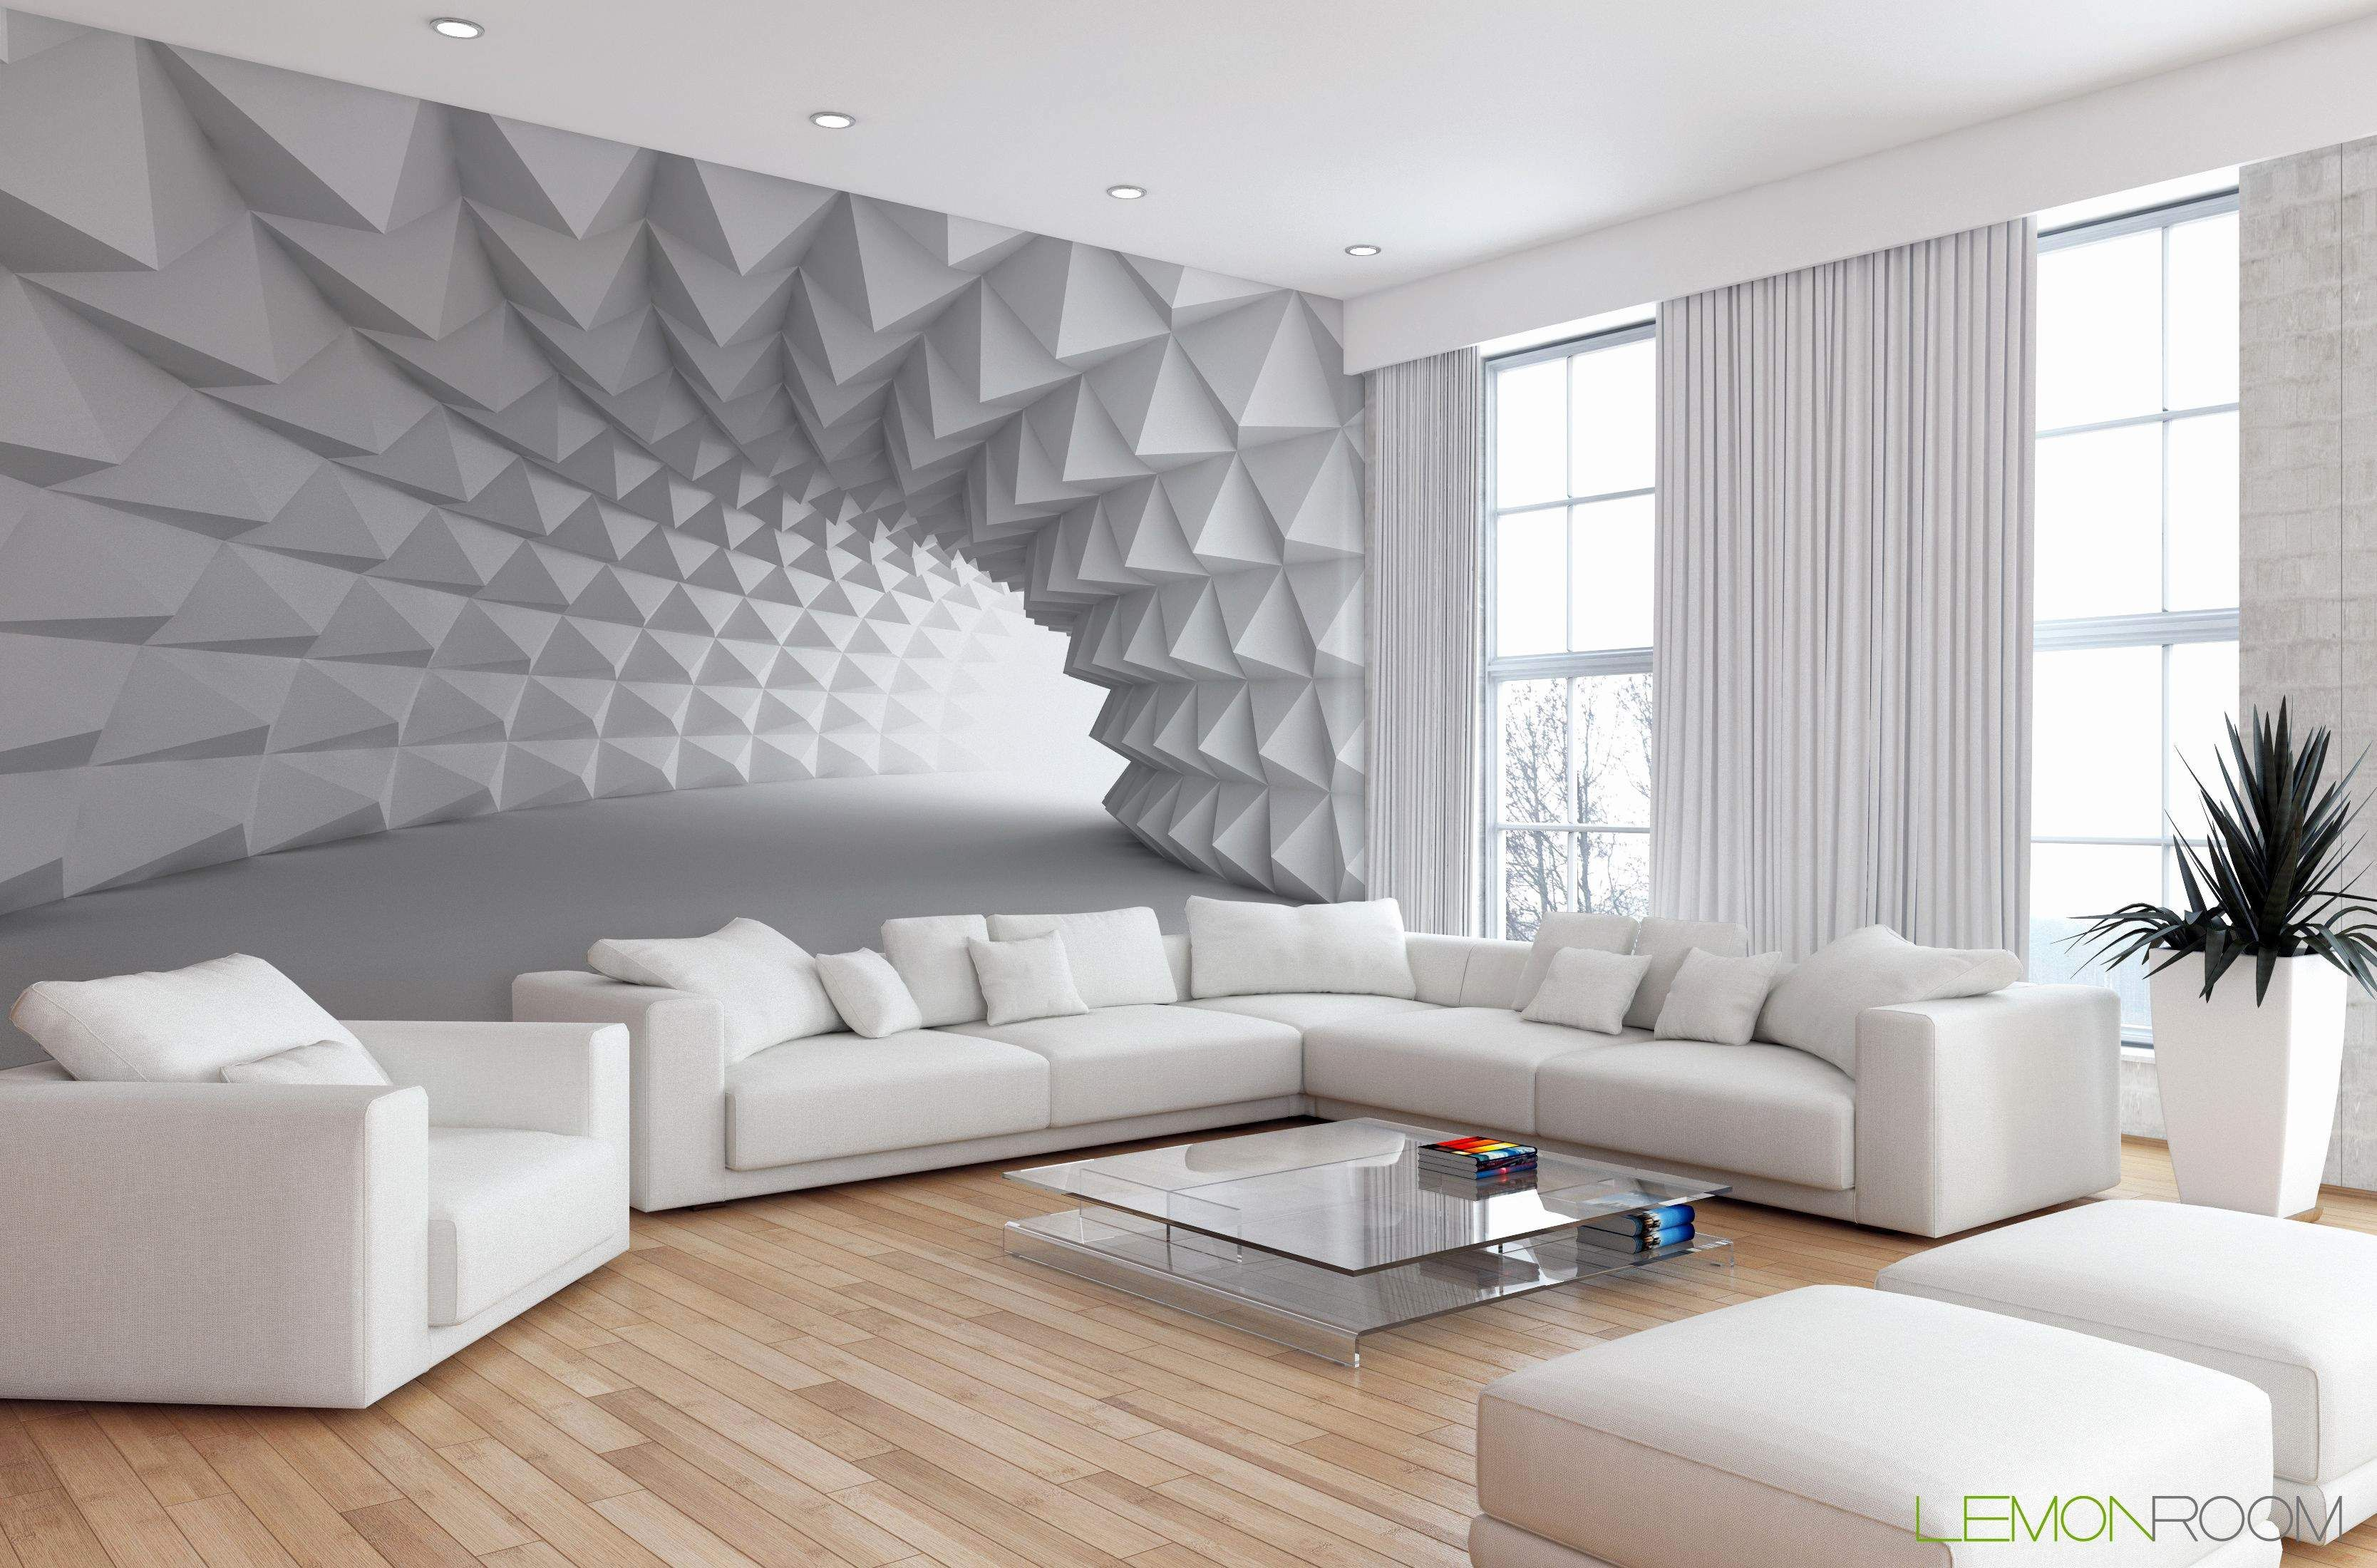 Moderne Wohnzimmer Tapeten Schön 9 Inspirierend Moderne Tapeten